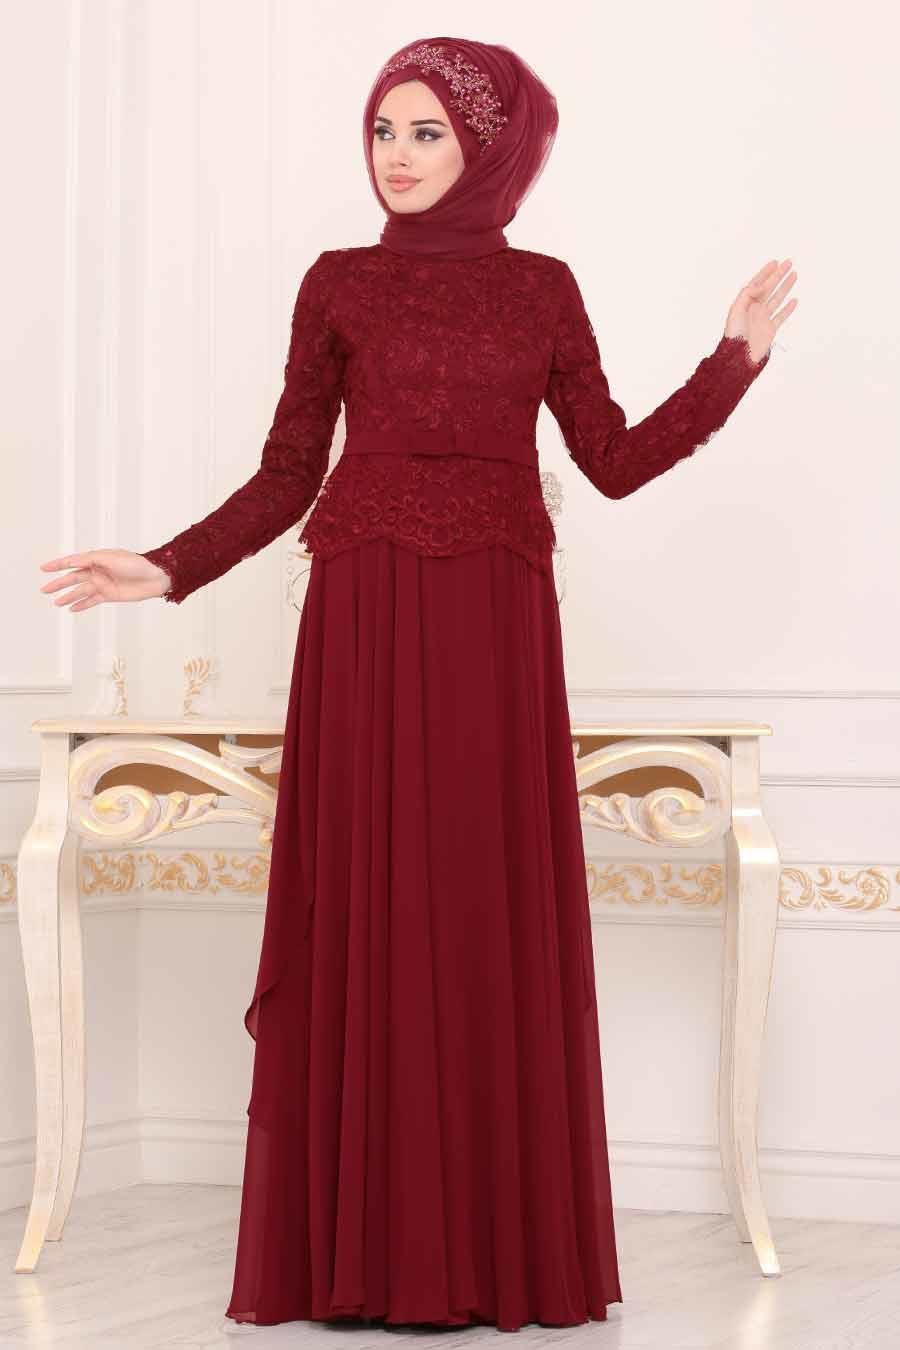 Tesettürlü Abiye Elbise - Dantel İşlemeli Bordo Tesettür Abiye Elbise 86470BR